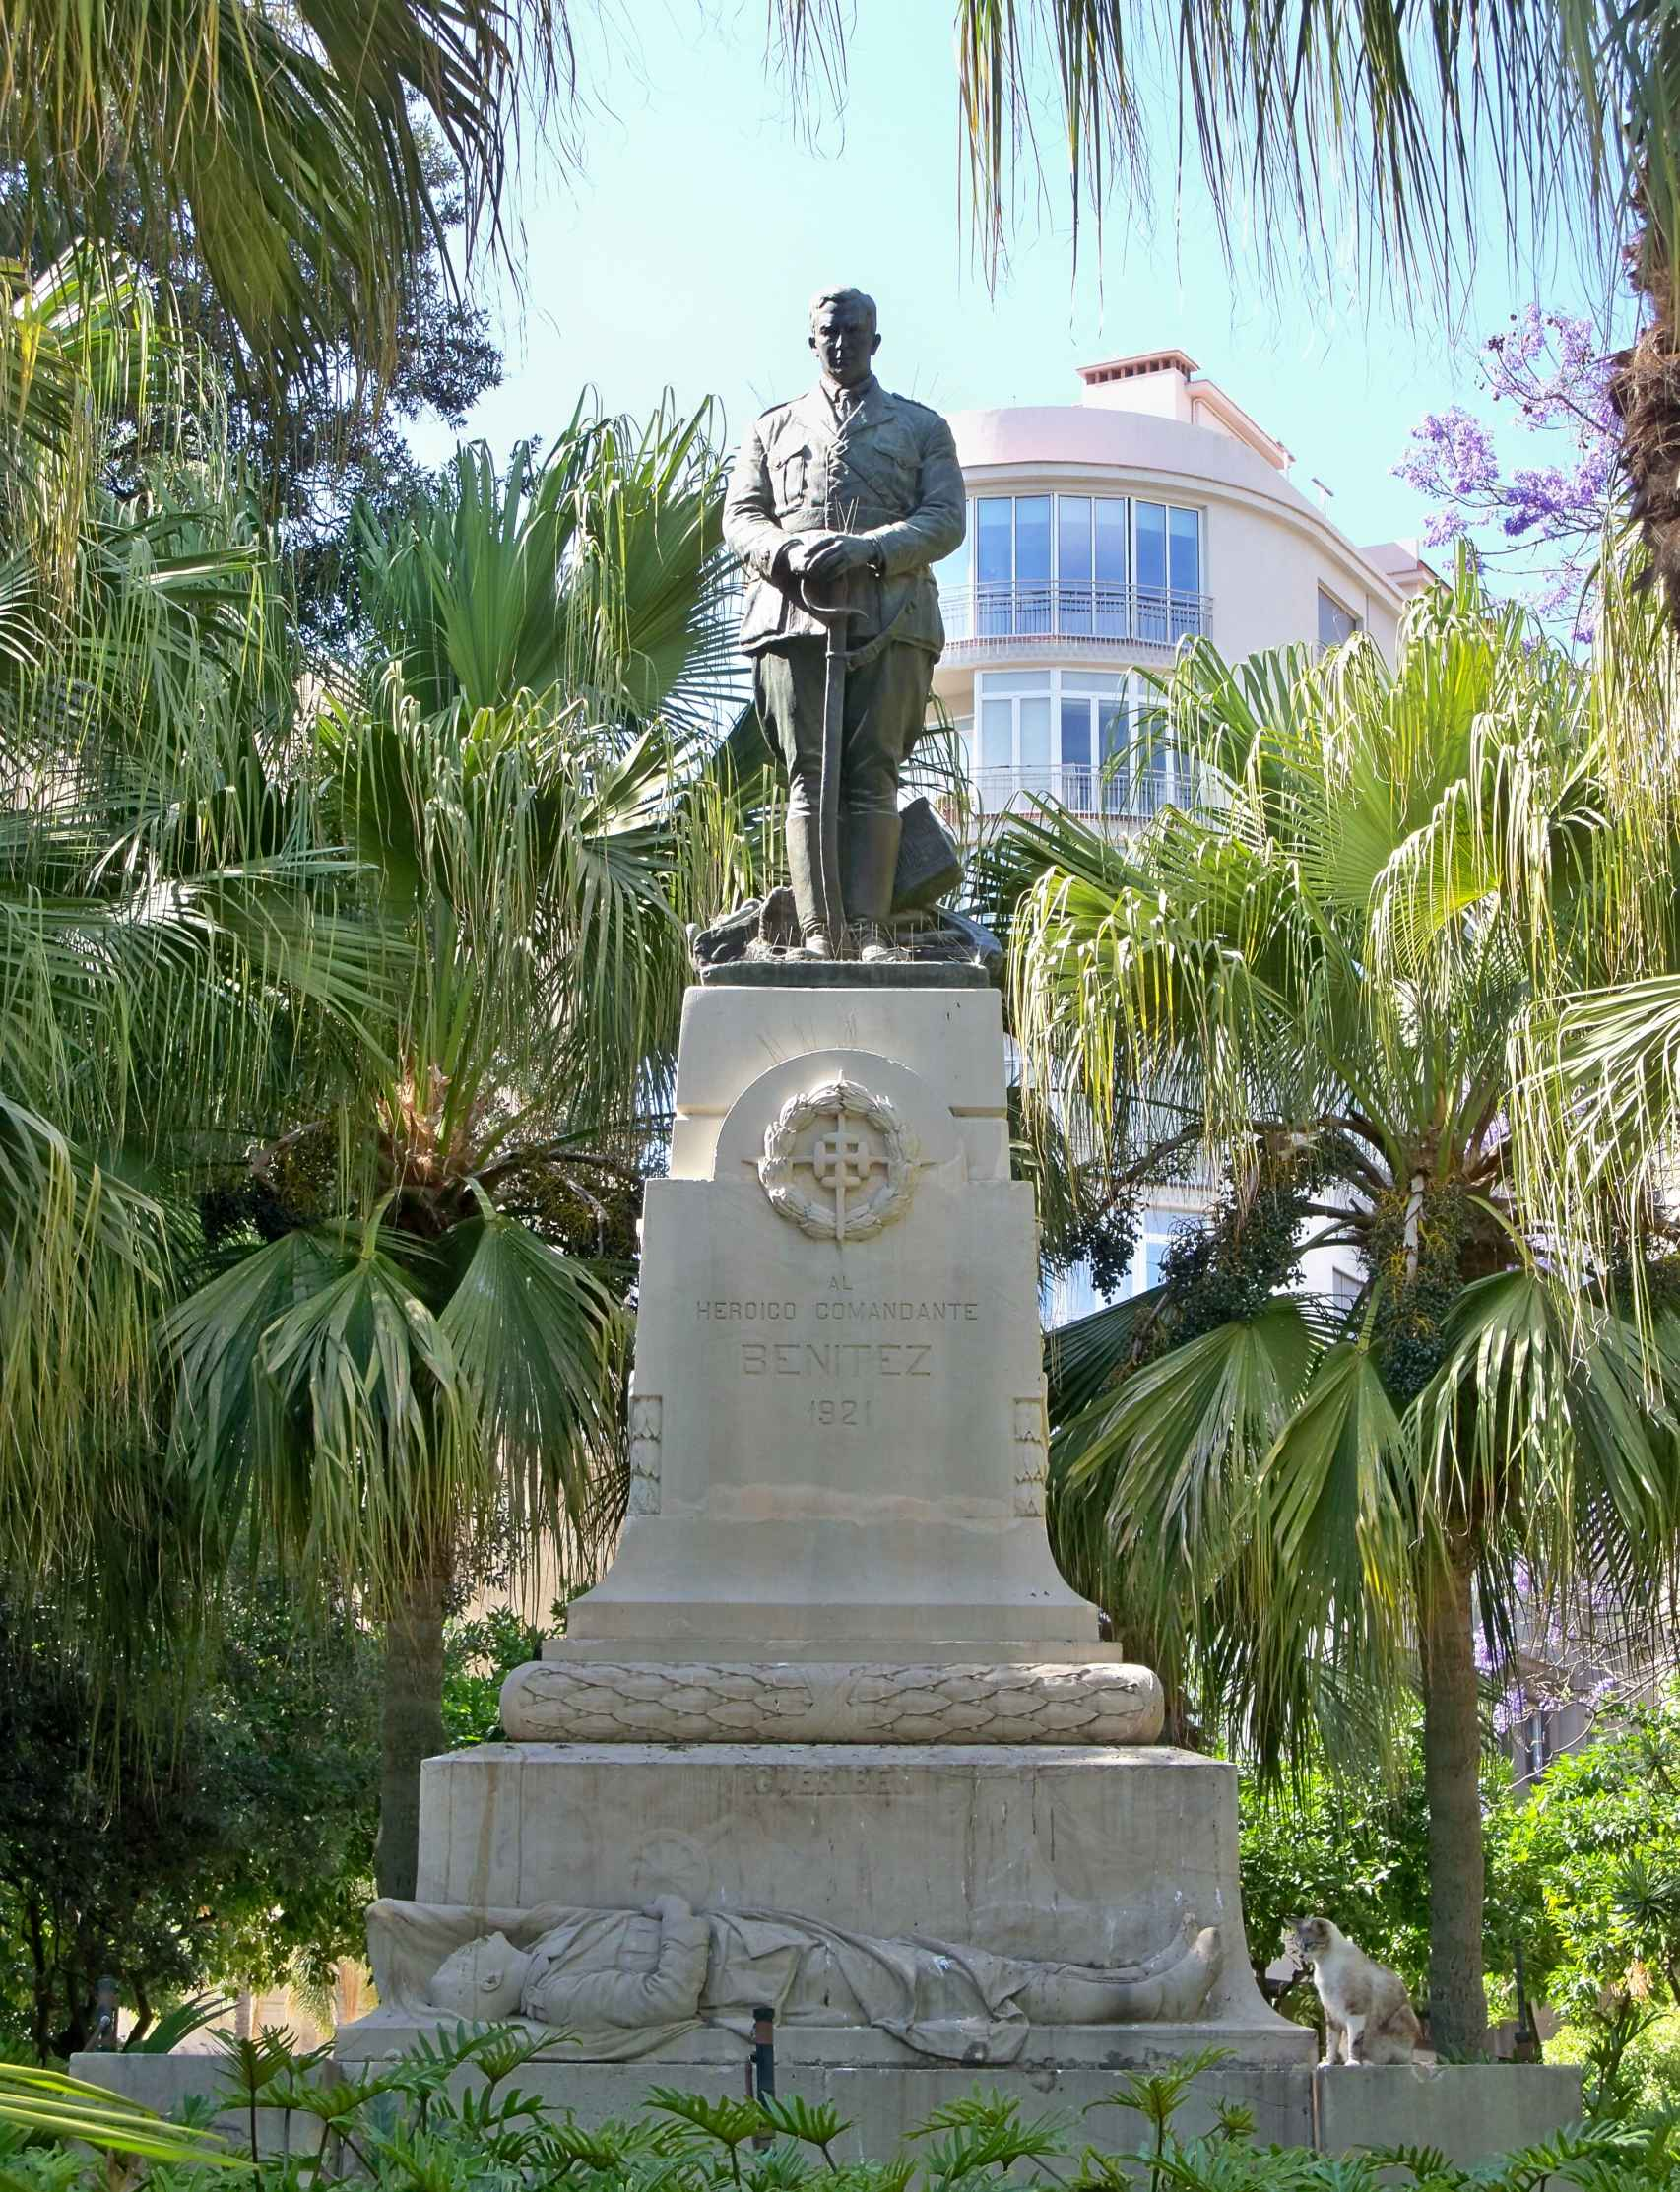 Monumento en honor al comandante Benítez en el Parque.